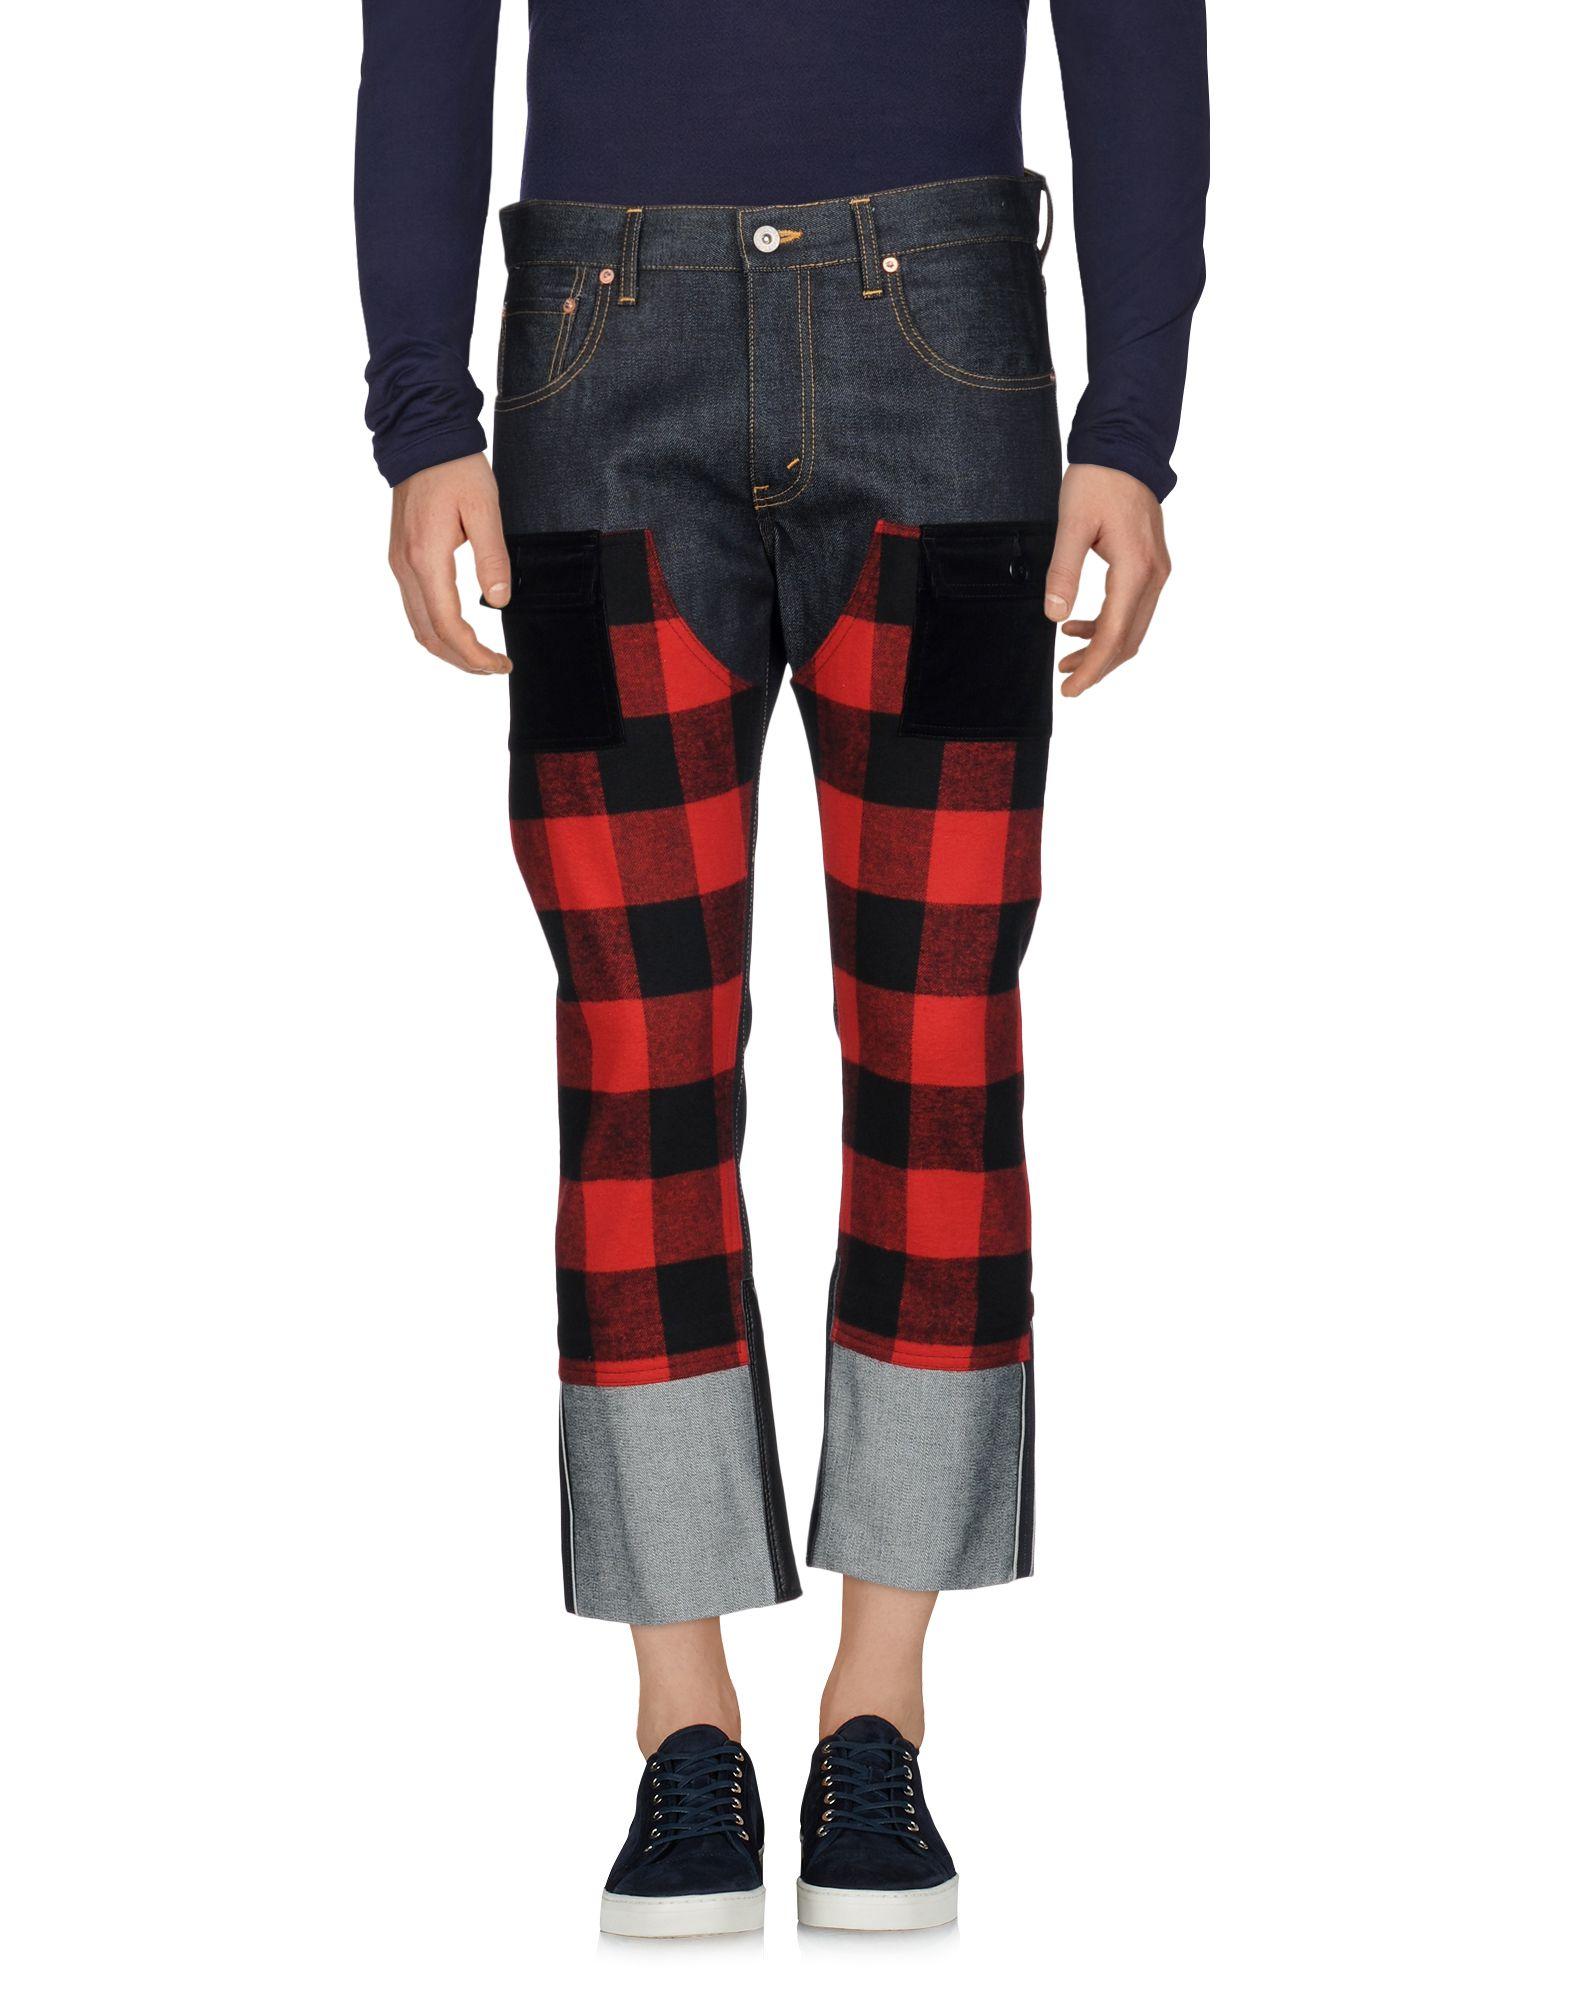 JUNYA WATANABE COMME des GARÇONS MAN X LEVI'S Джинсовые брюки